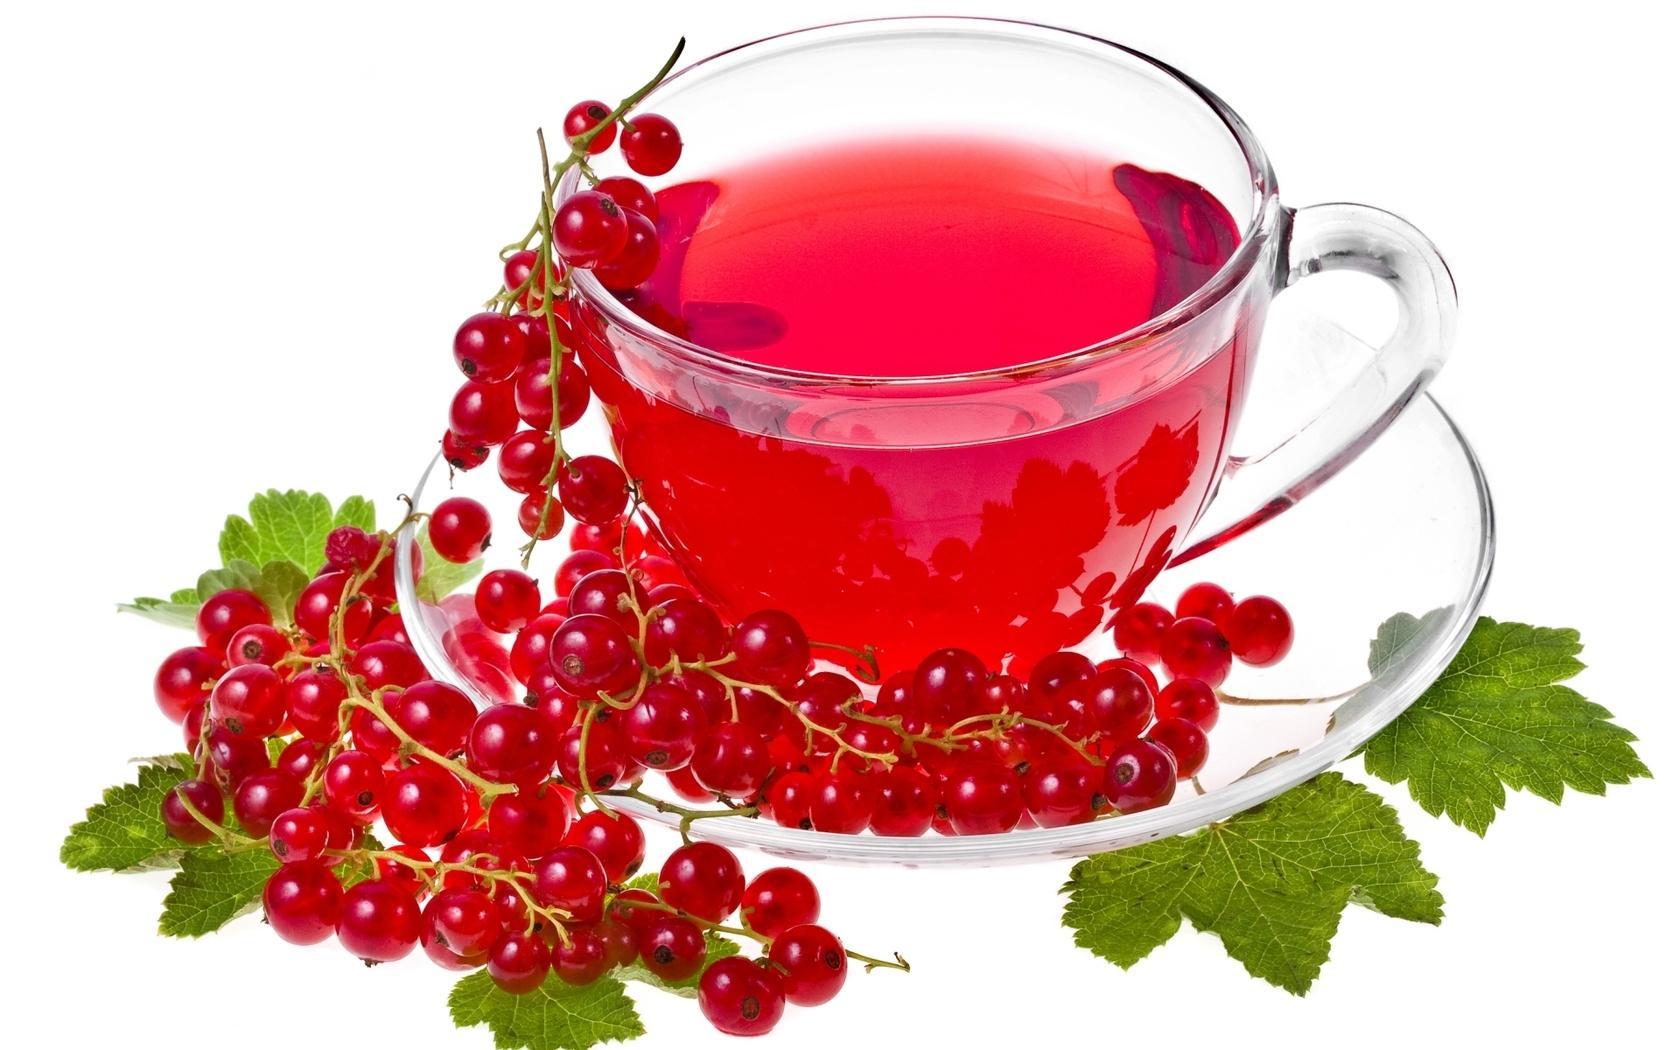 Красная смородина - источник крепкого здоровья